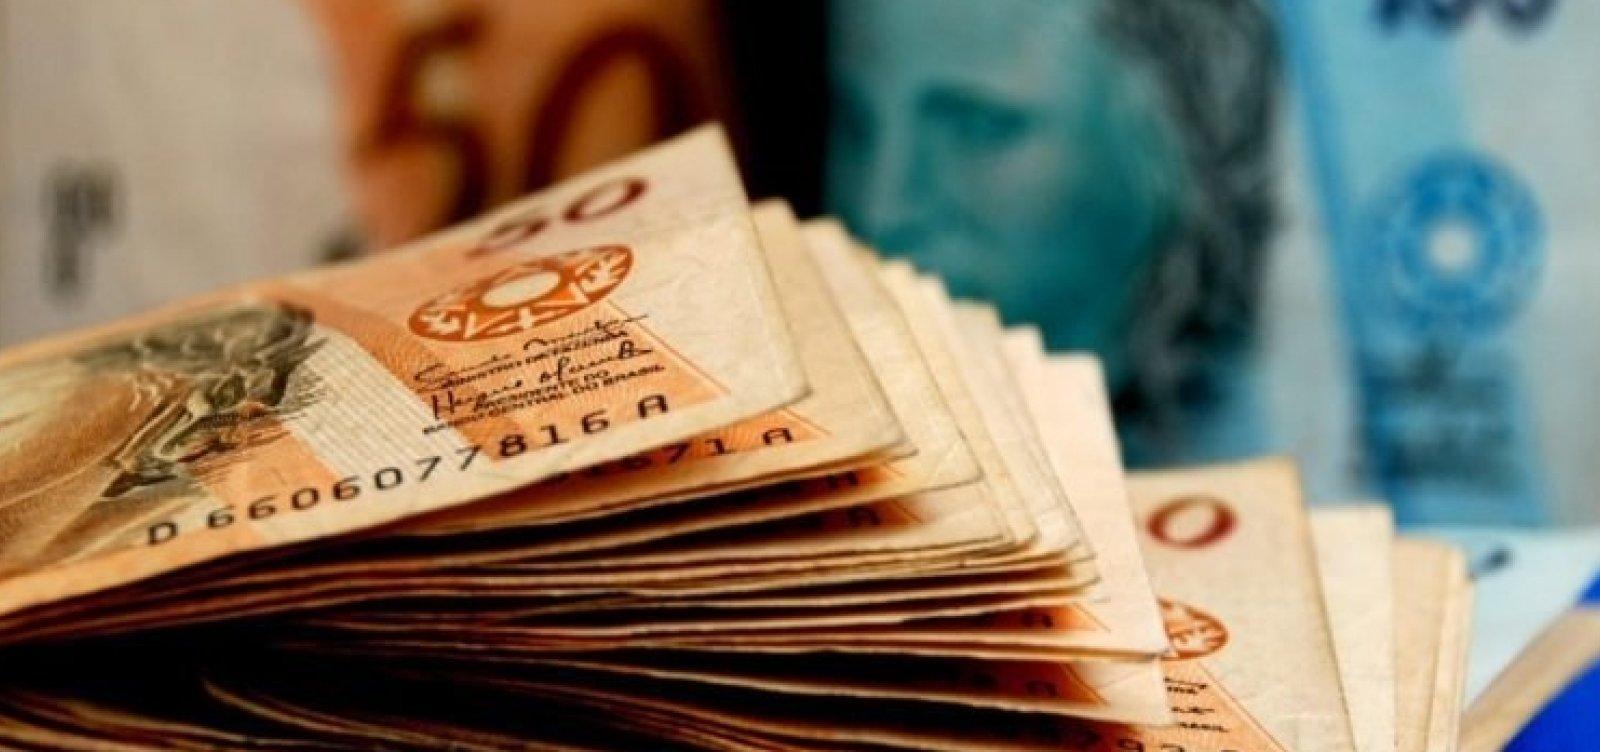 38 cidades baianas tiveram repasses federais bloqueados por dívidas